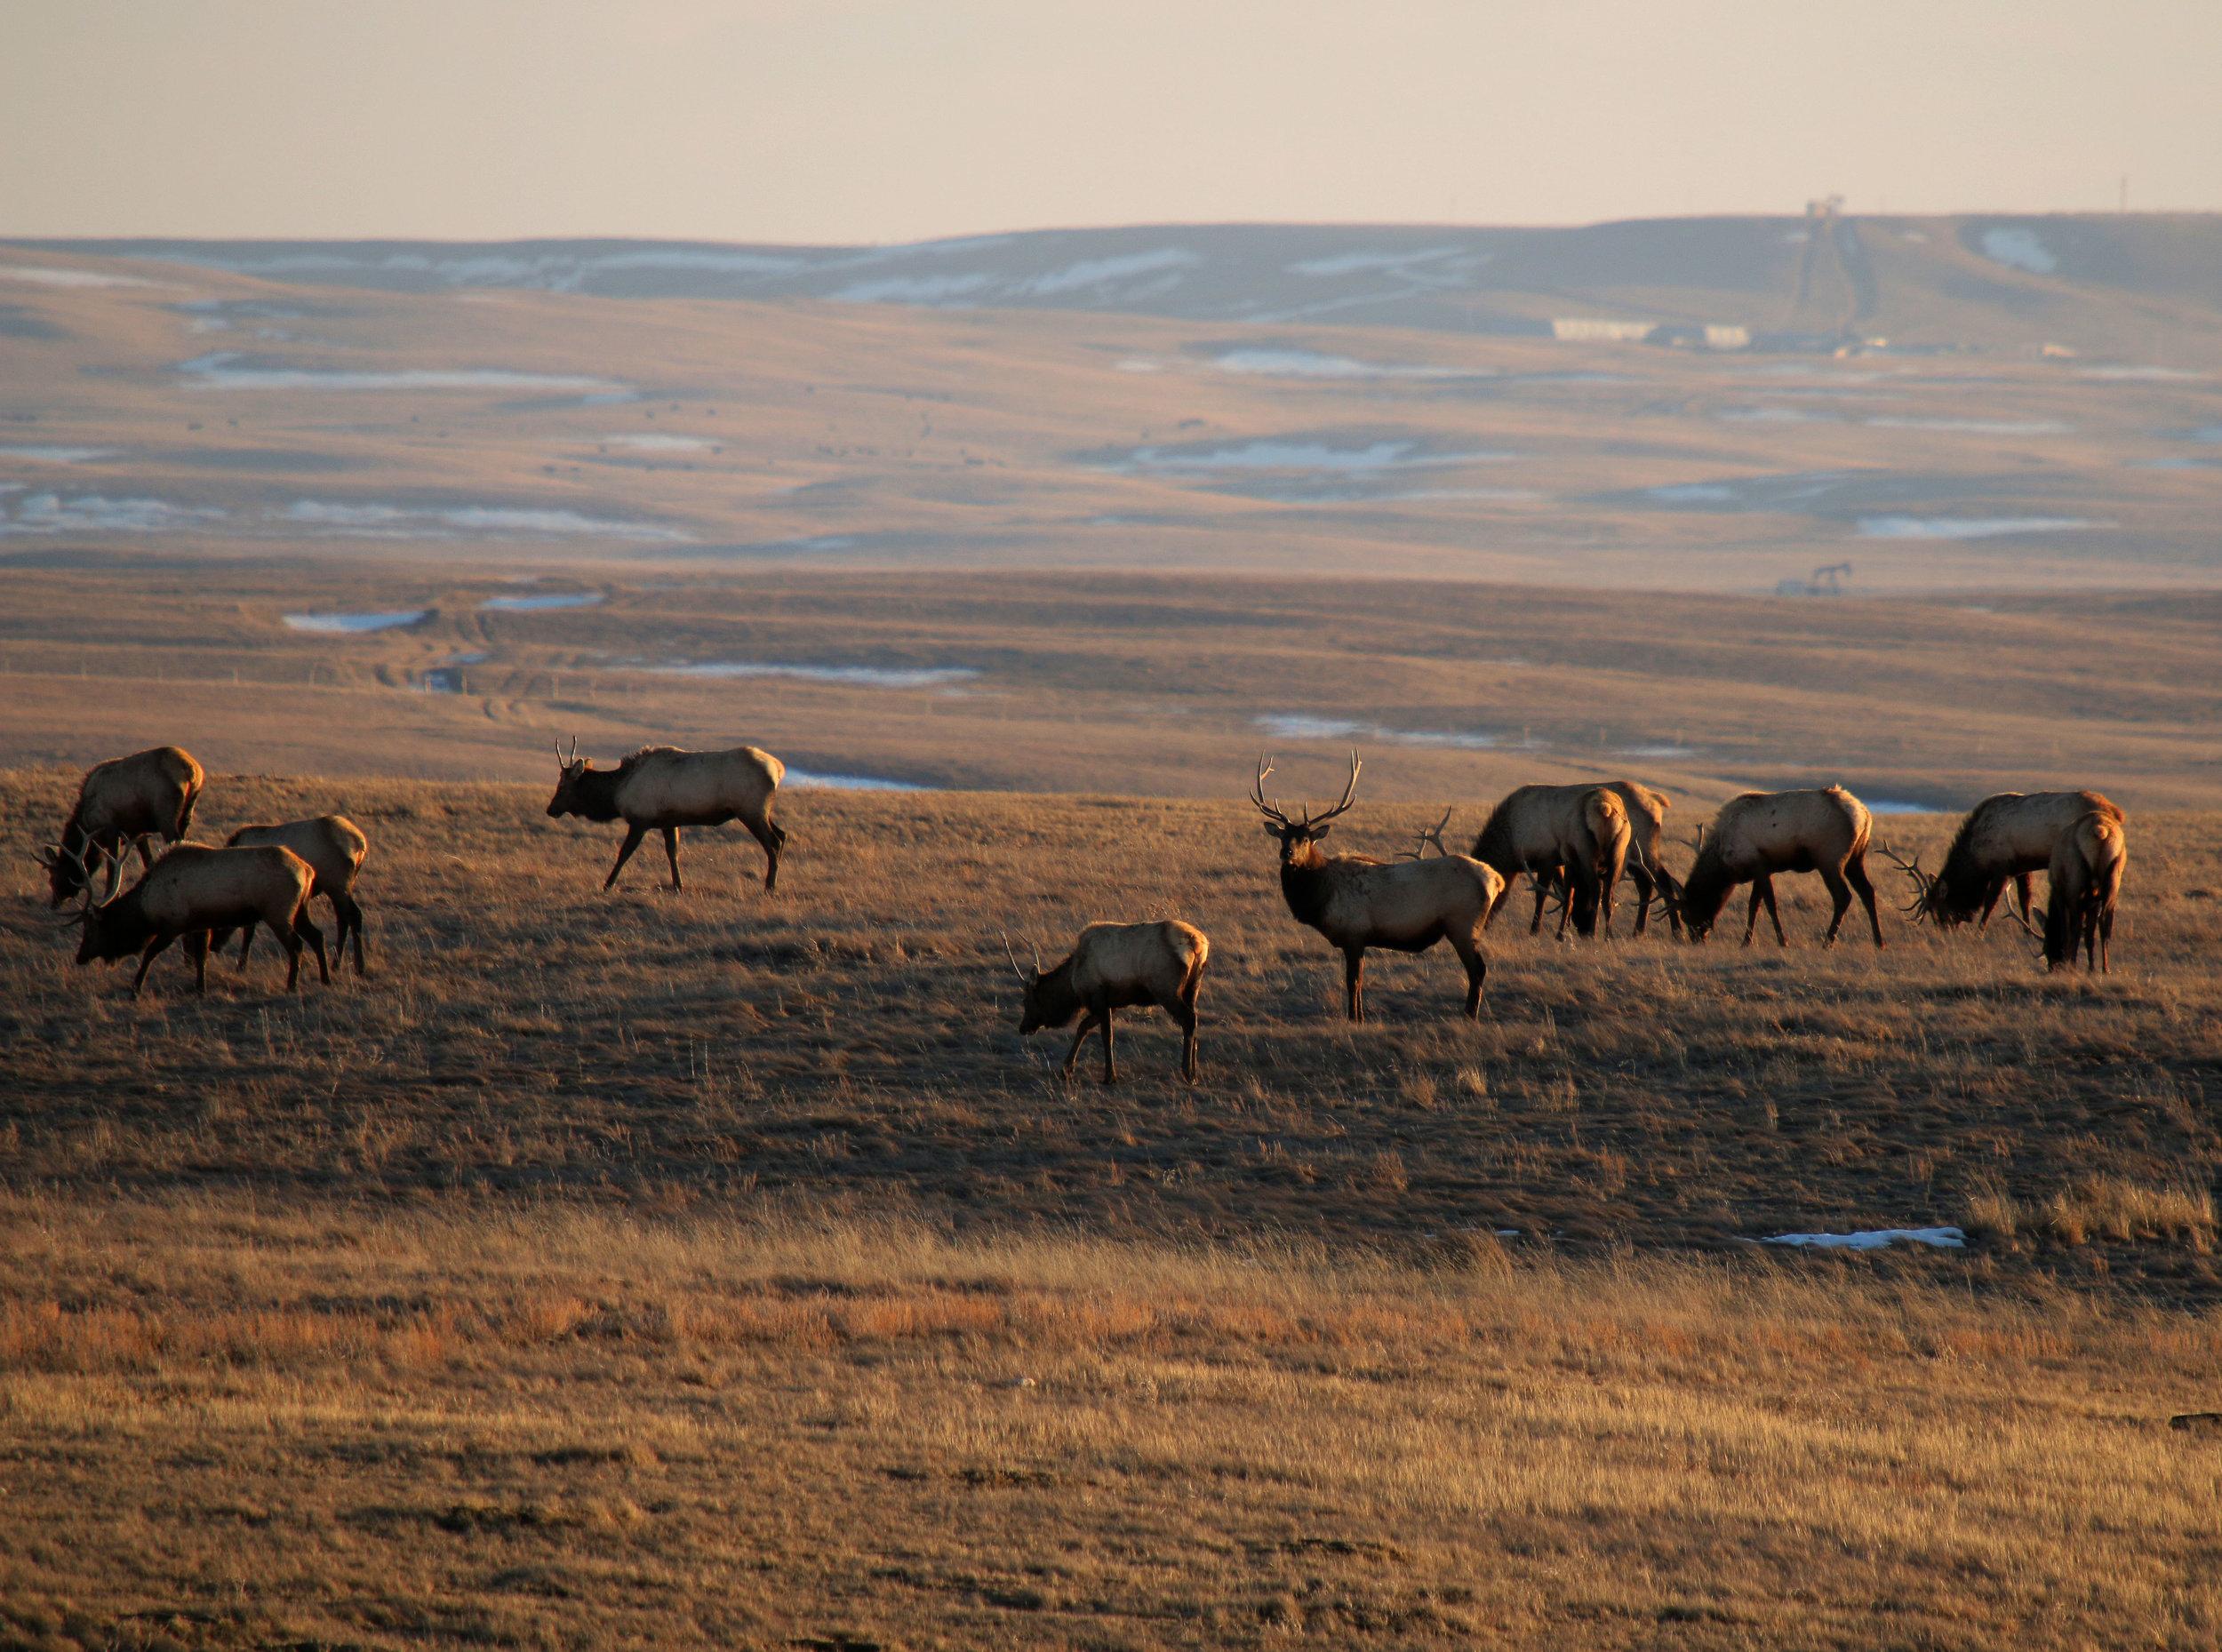 Elk on the prairie in the Milk River valley.